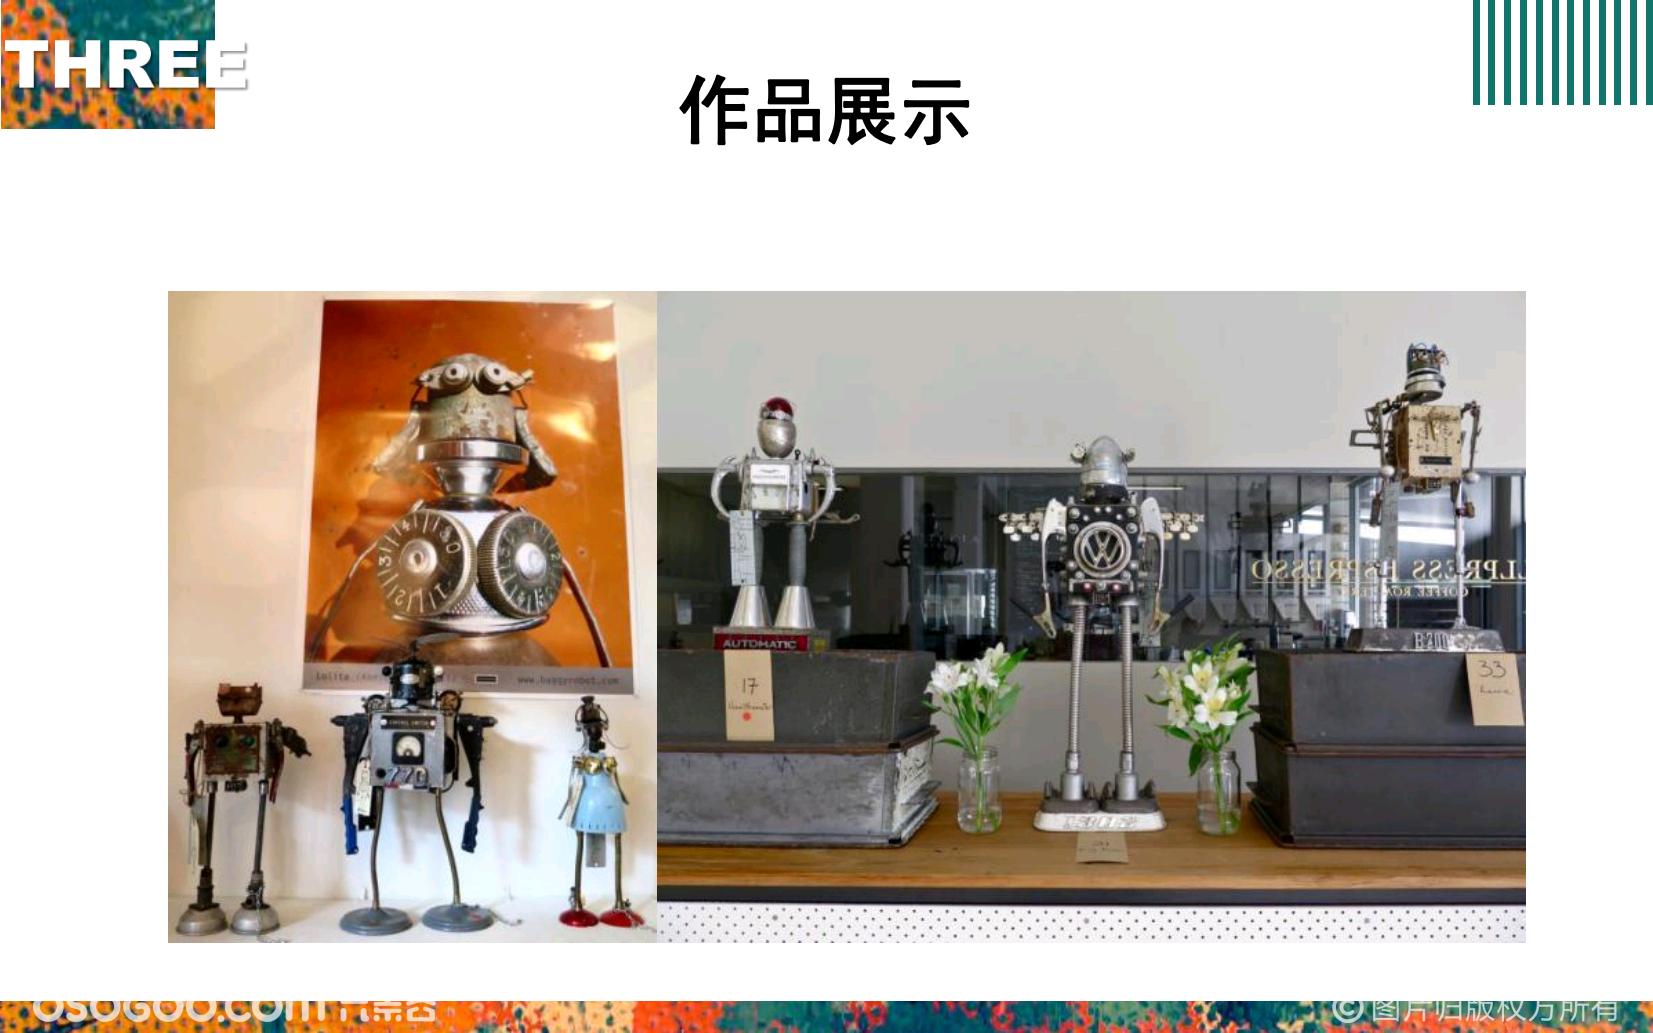 """赋予旧物""""生命""""机器人展—马丁•霍斯普尔"""